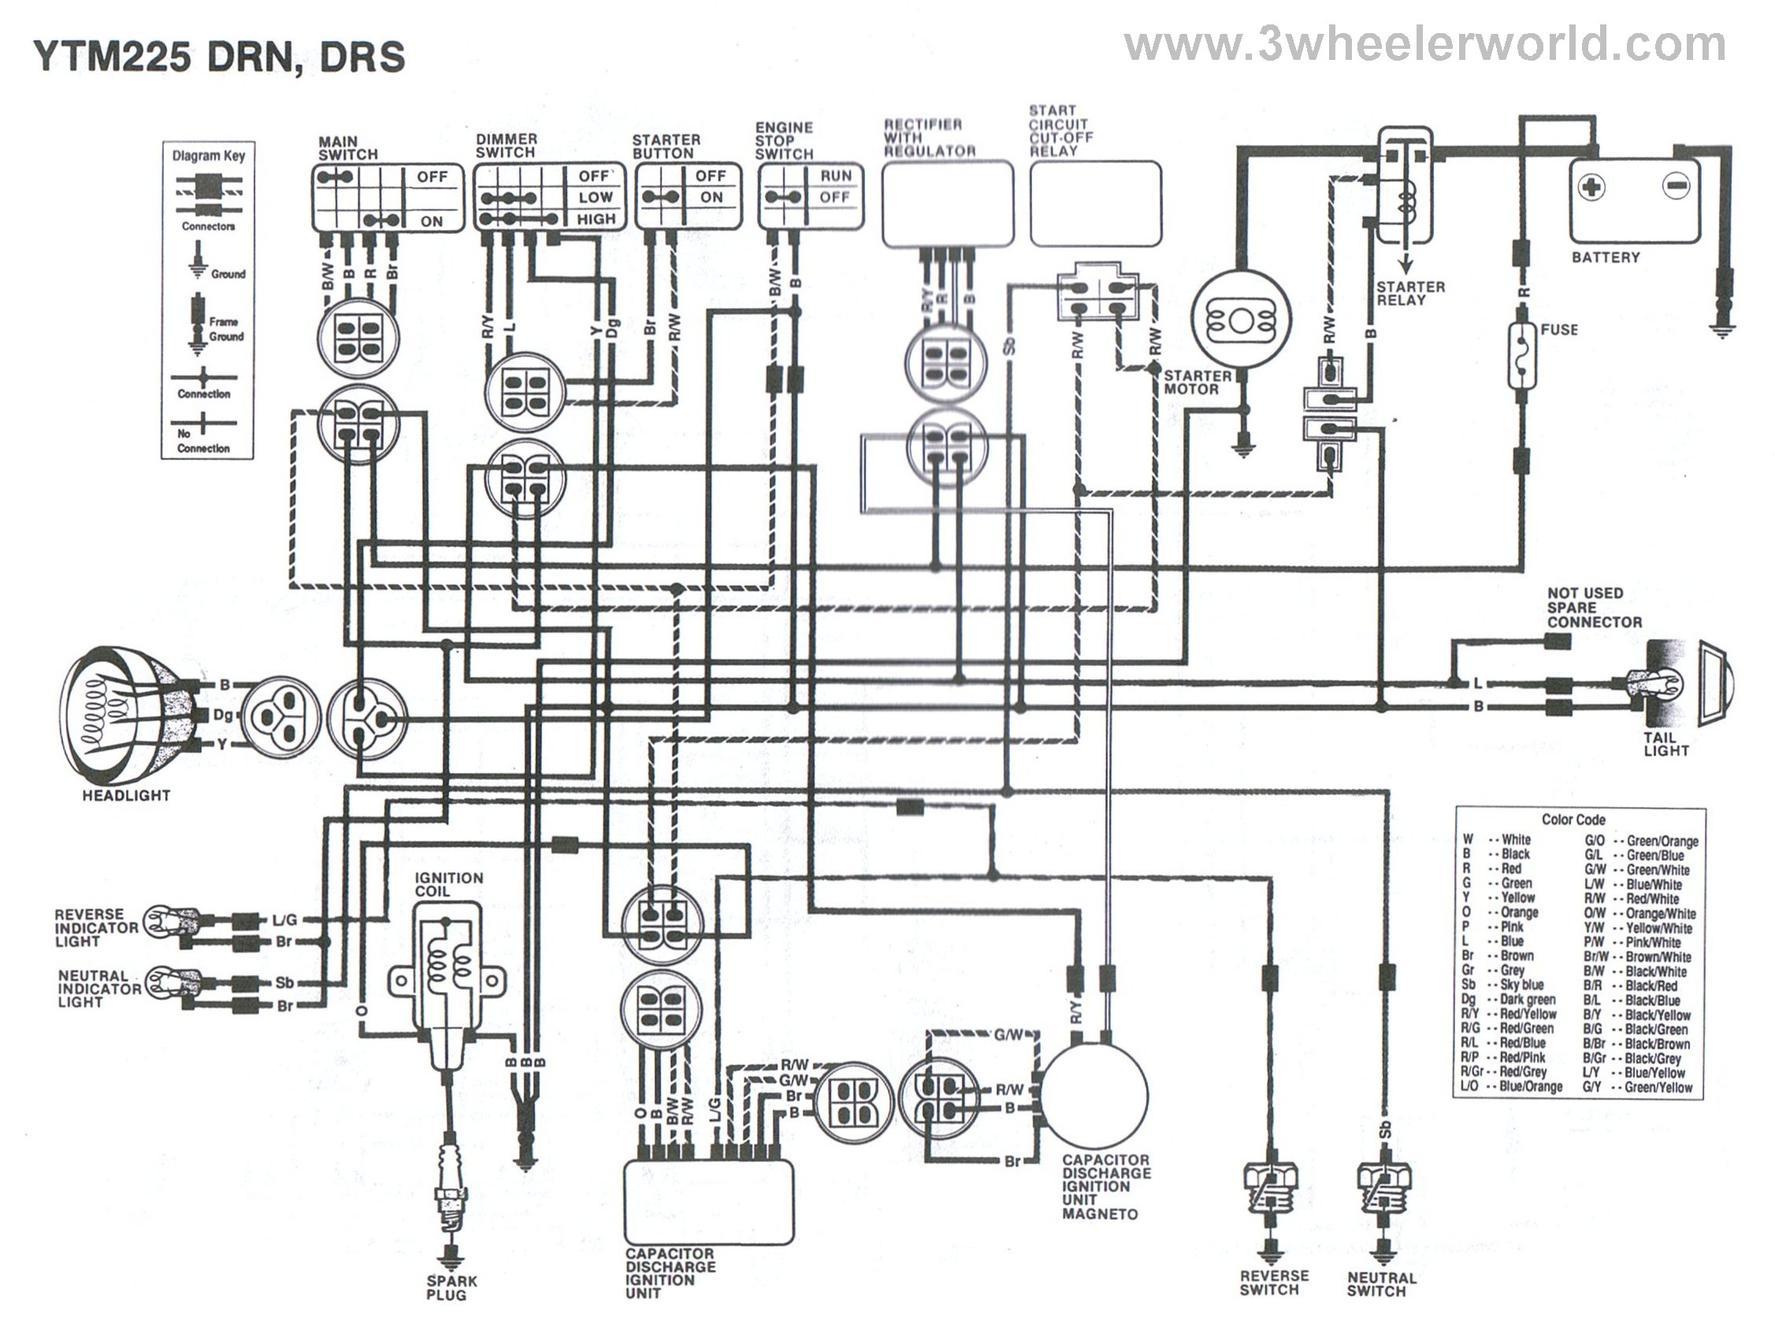 79 Xs1100 Wiring Diagram - 4k Wiki Wallpapers 2018